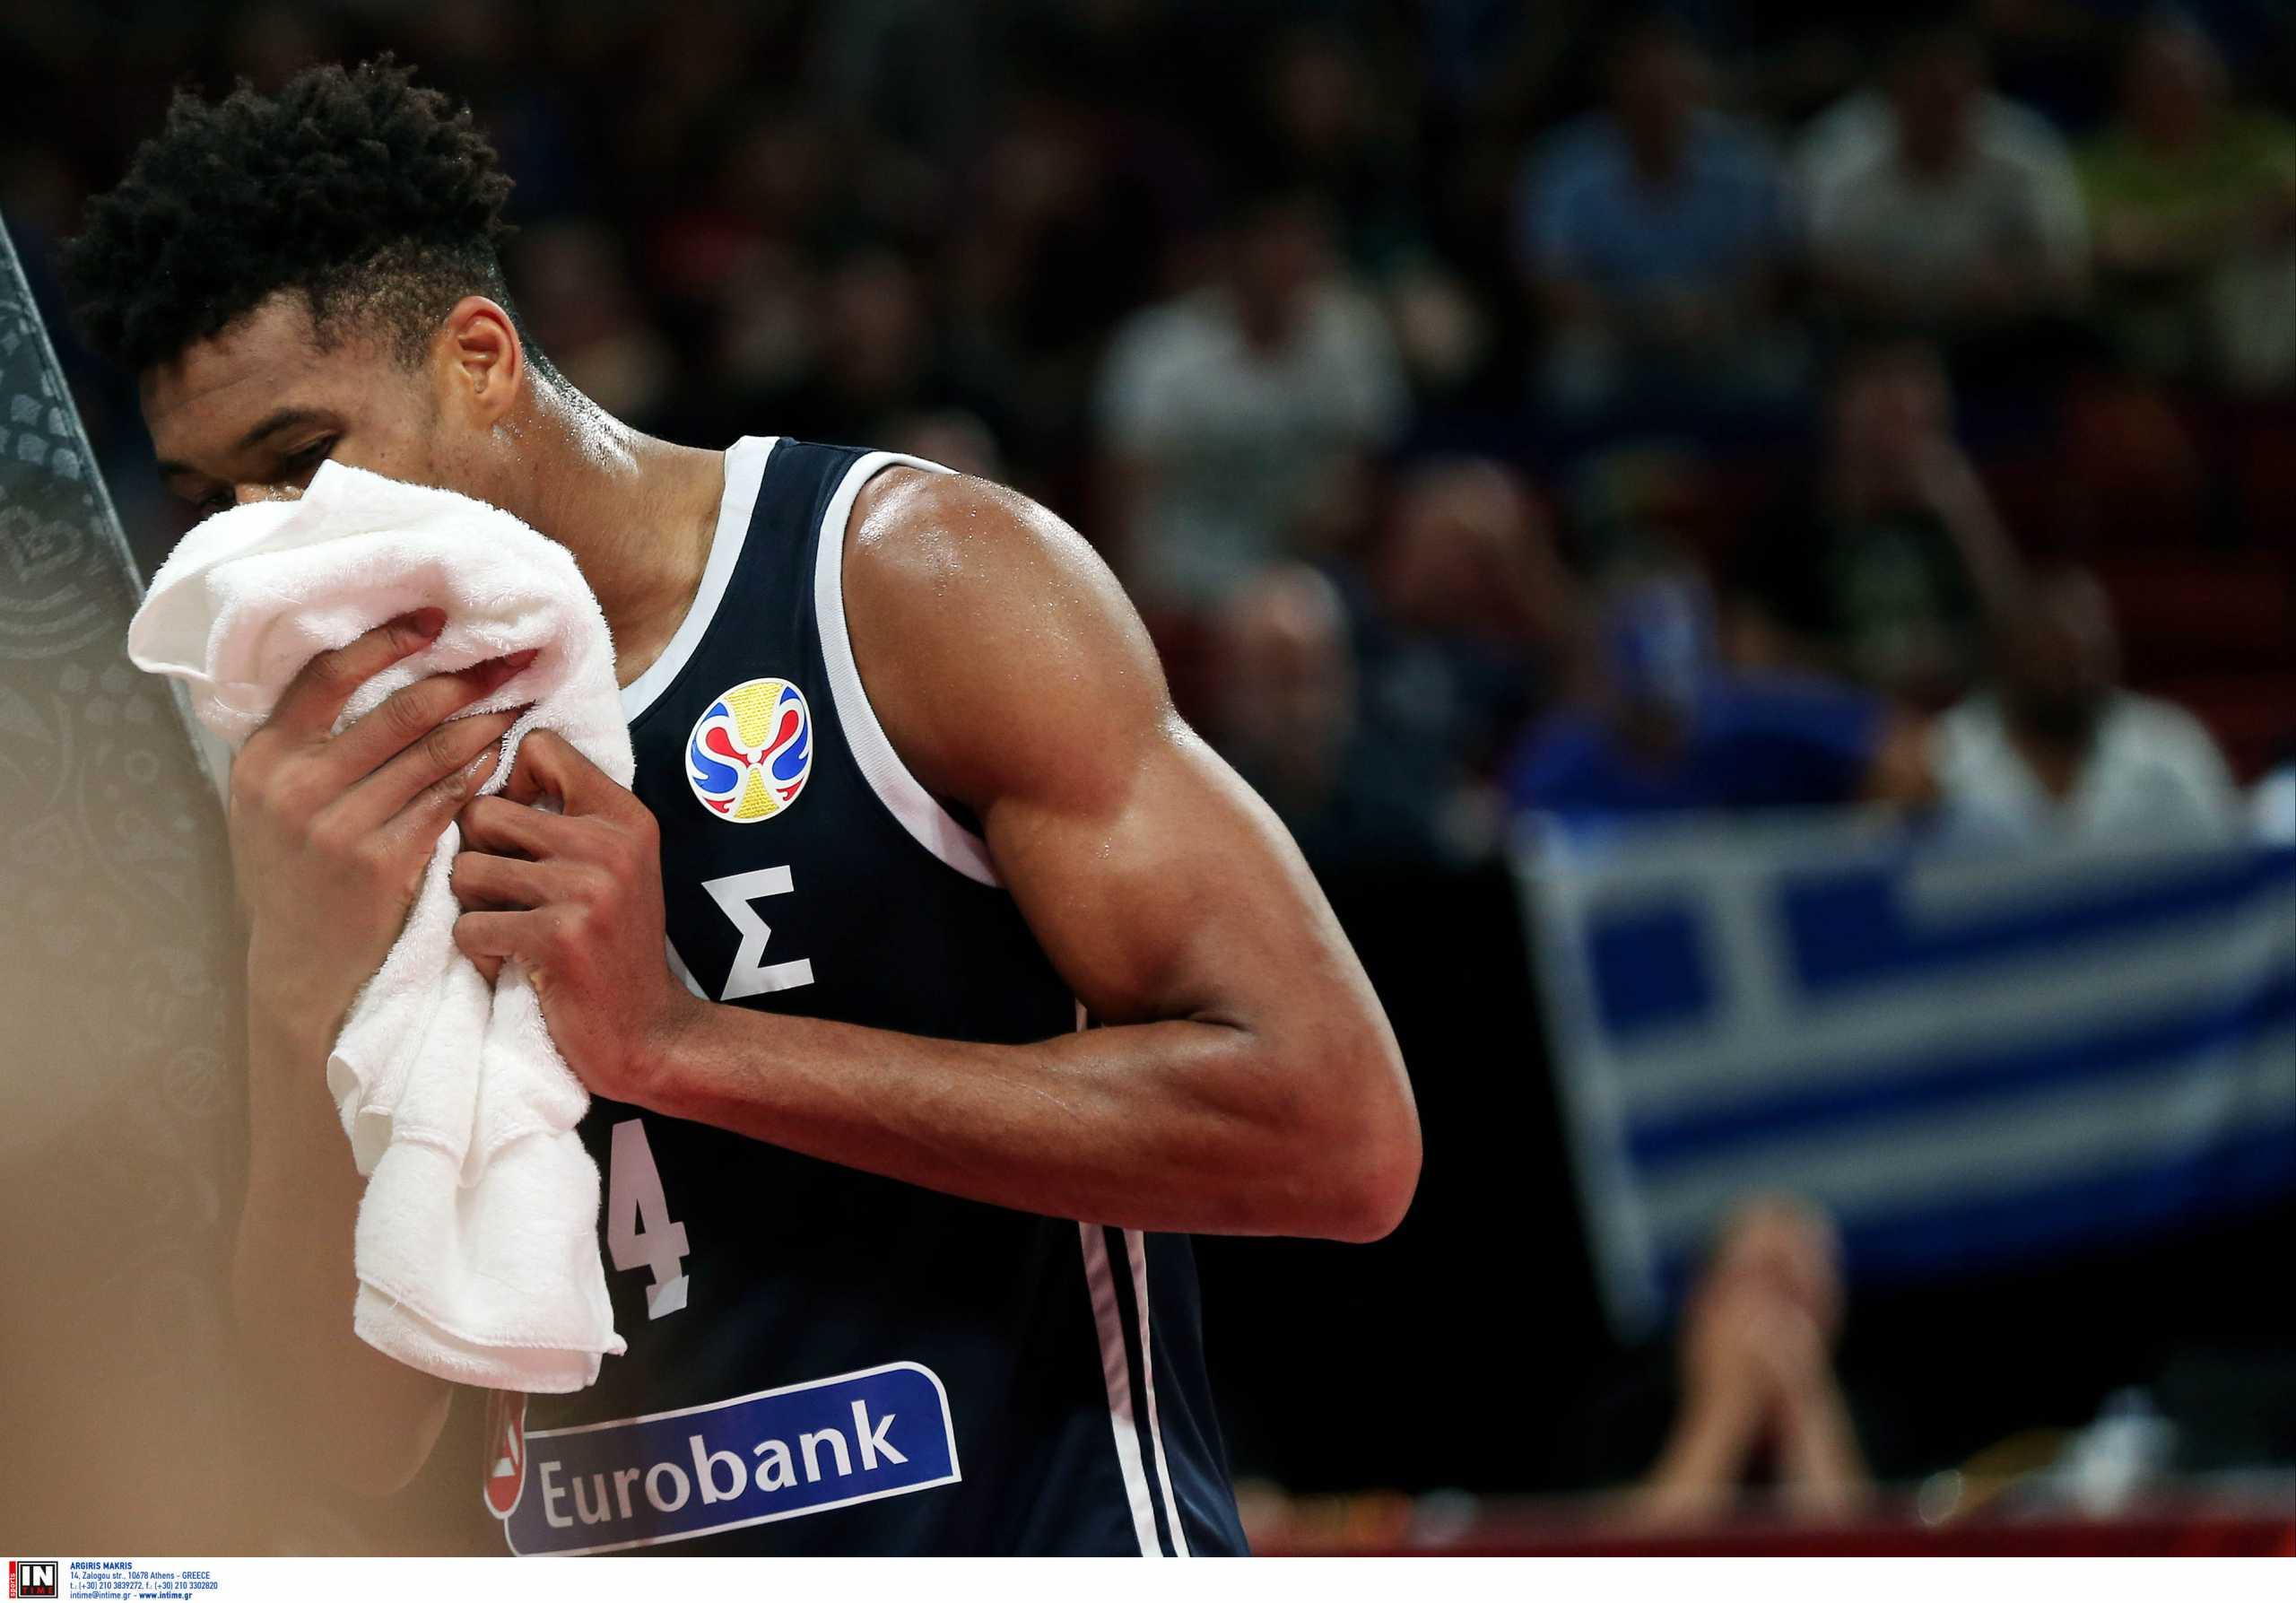 Εθνική μπάσκετ: «Έπεσε» τέσσερις θέσεις η Ελλάδα στη βαθμολογία της FIBA